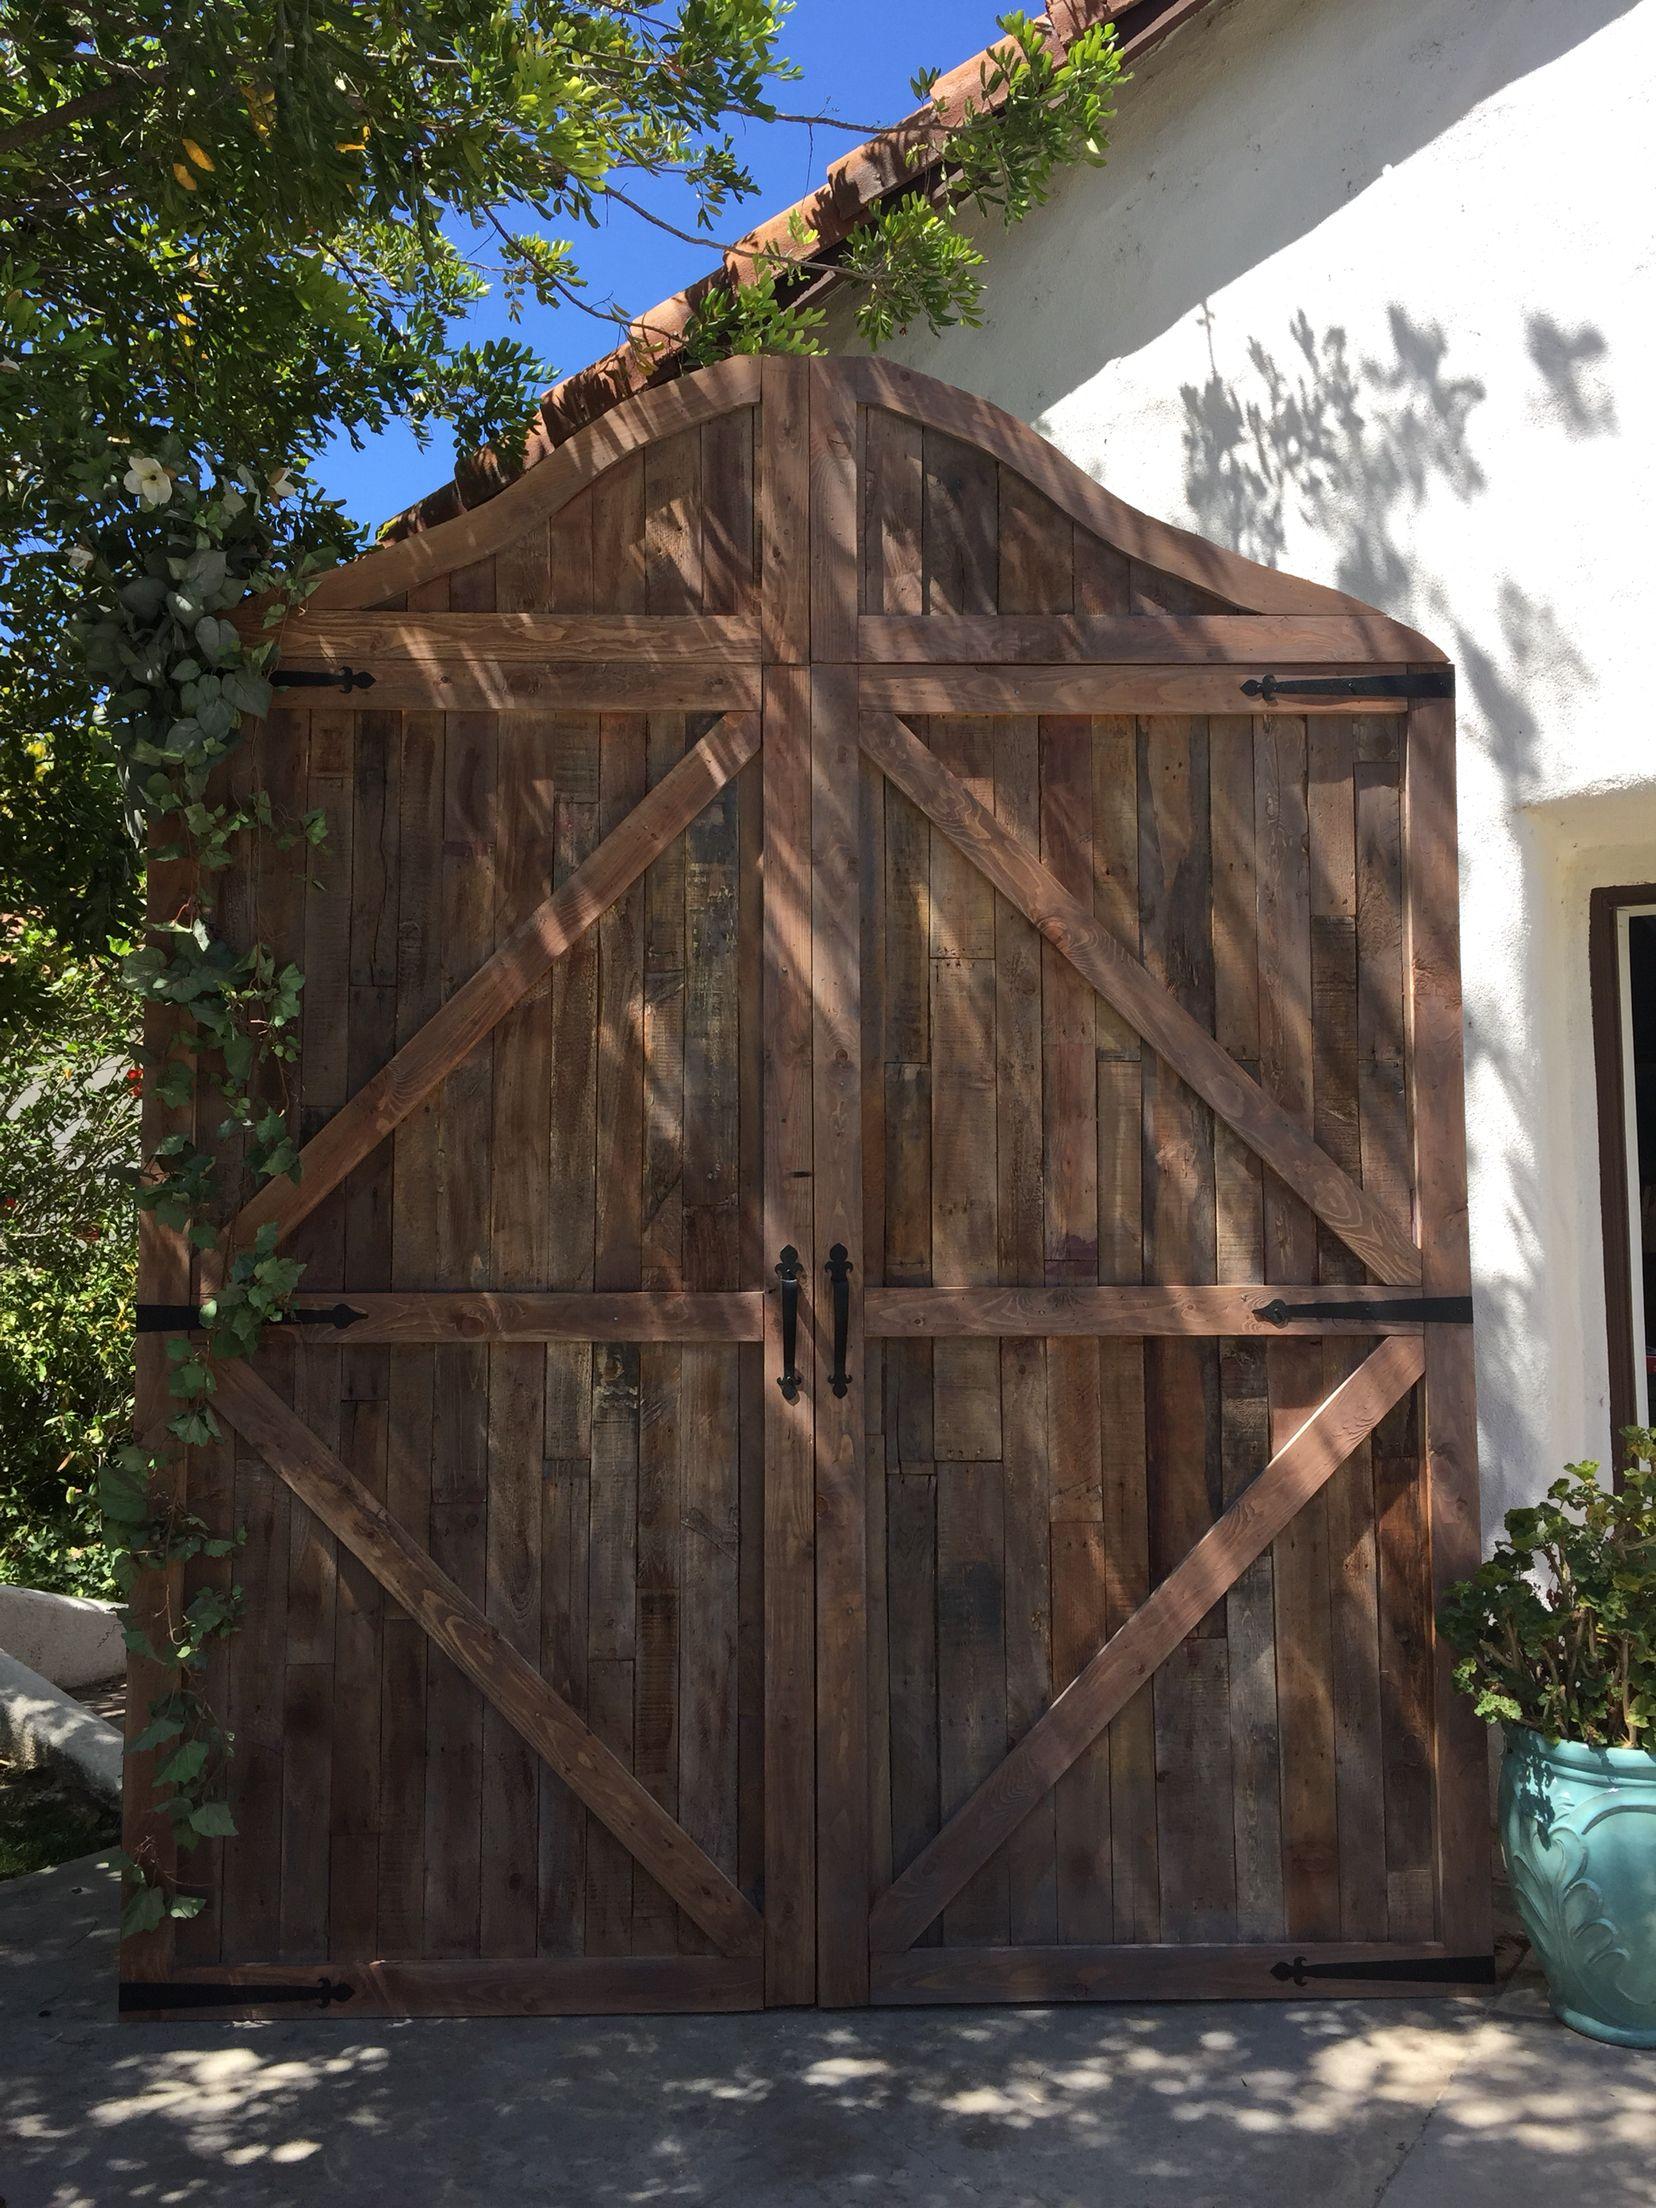 Wedding doors for rent - Diy Wedding Barn Door Backdrop Made From Pallets